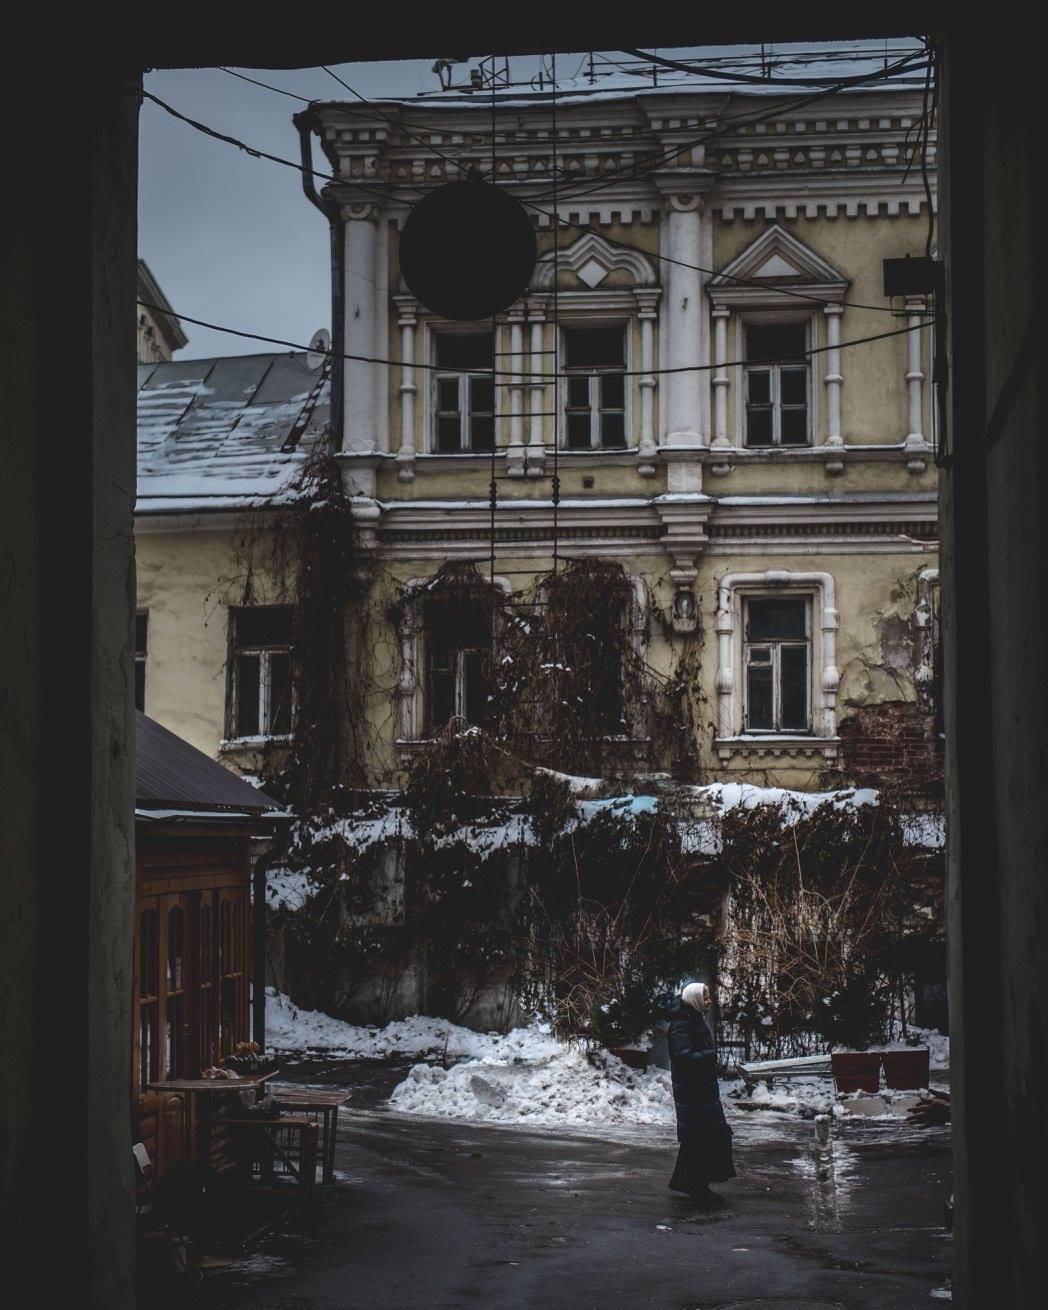 Solitude in the City -